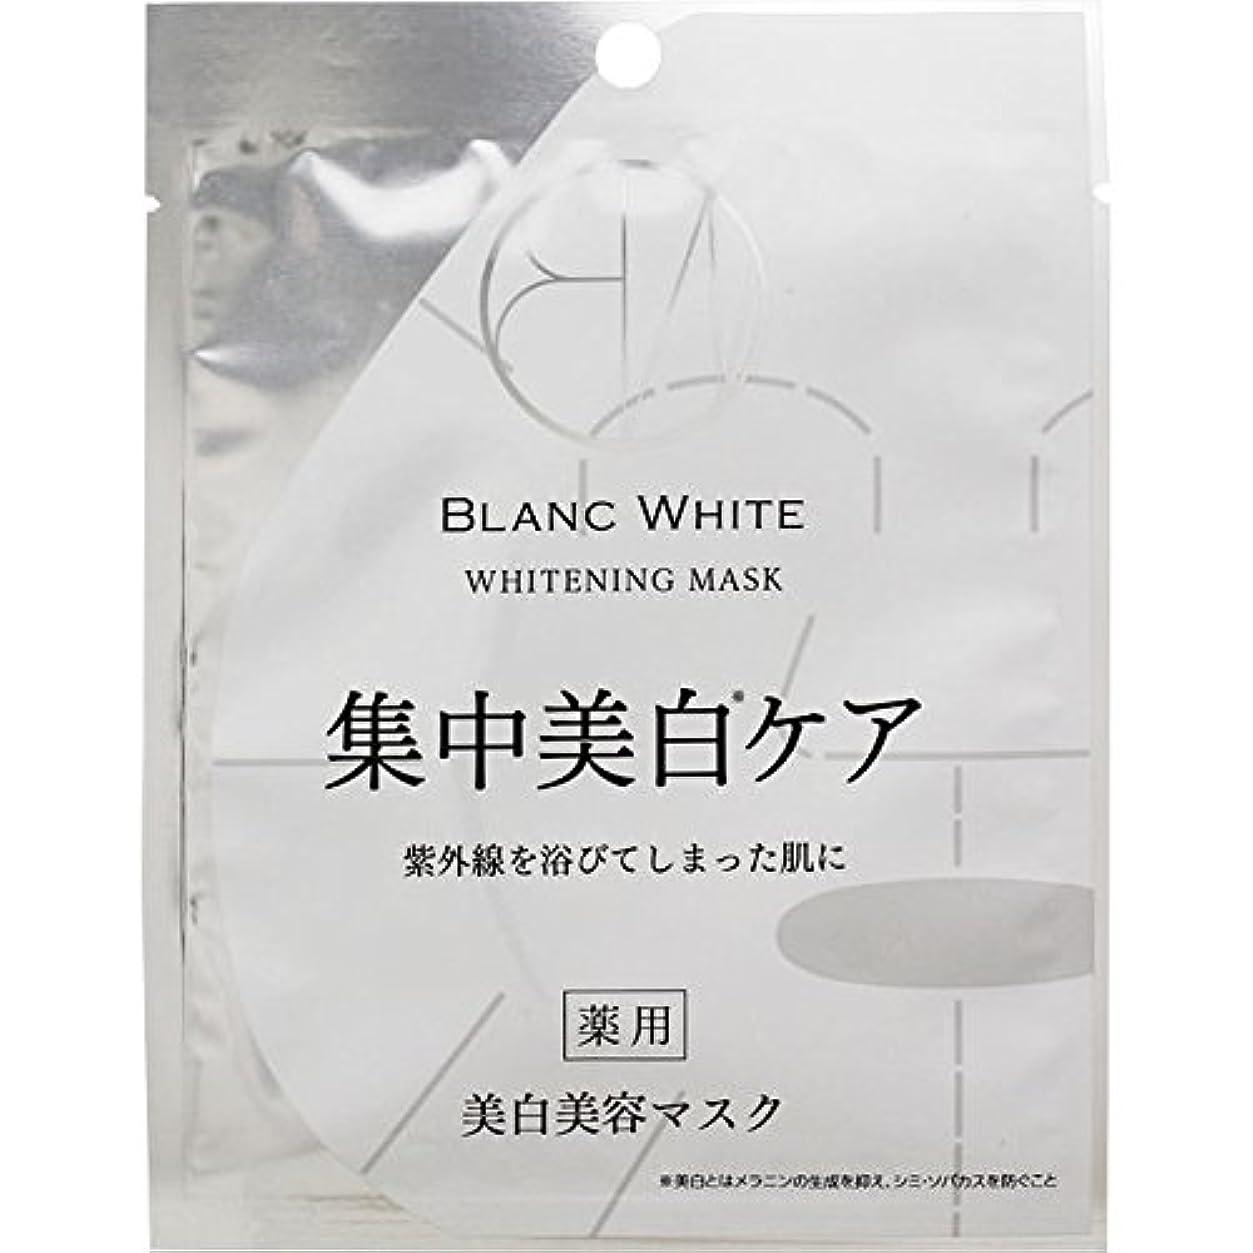 名義で博物館彼のブランホワイト ホワイトニングマスク 1枚【21ml】 (医薬部外品)